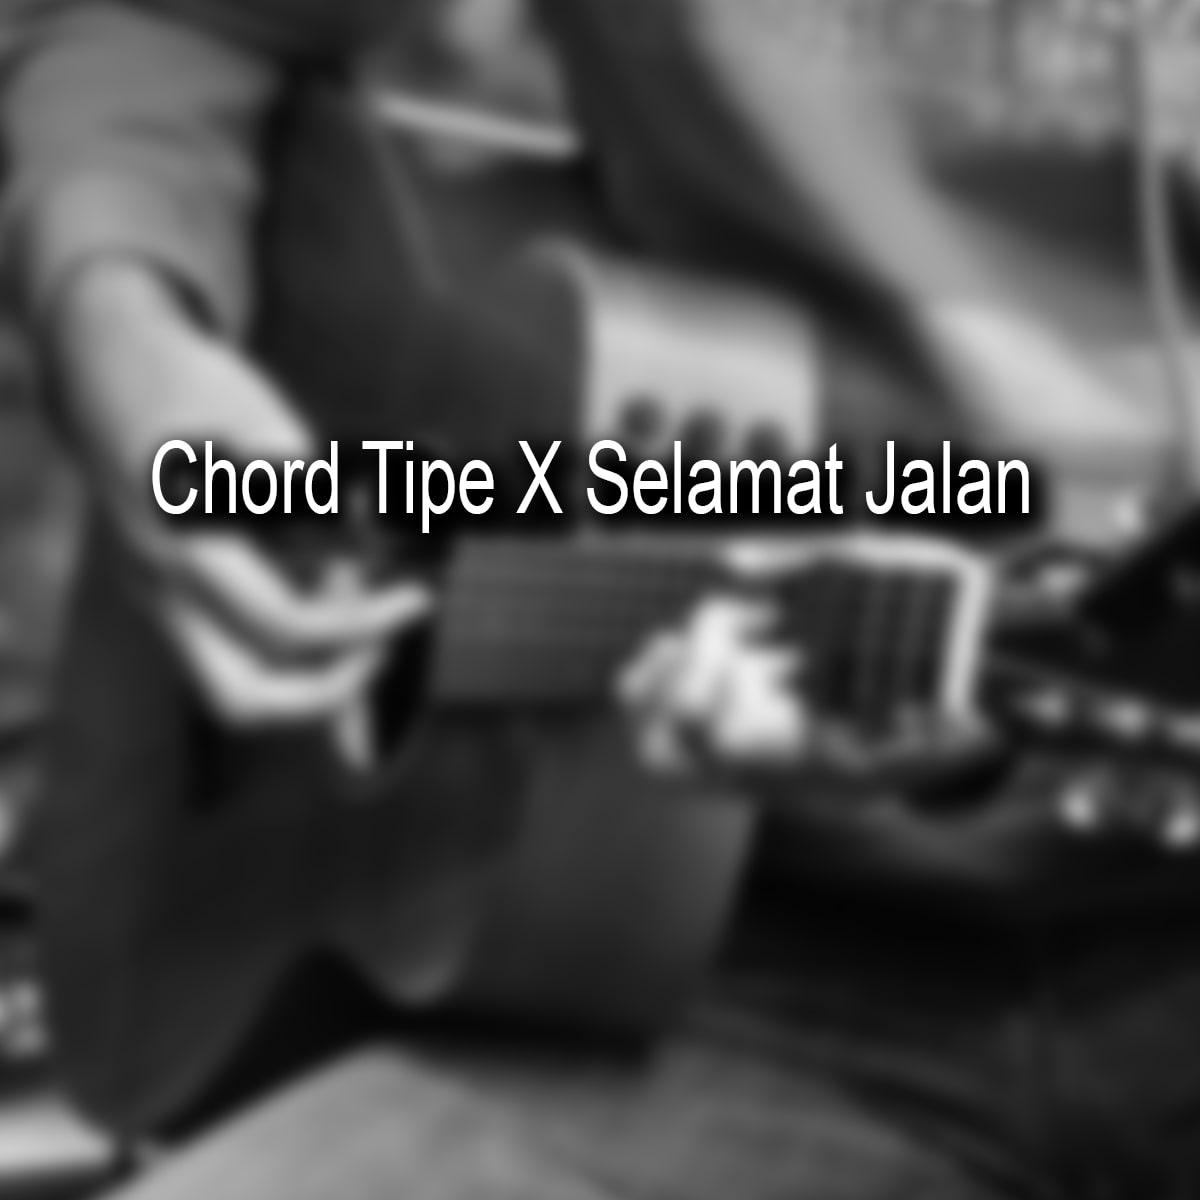 Chord Tipe X Selamat Jalan